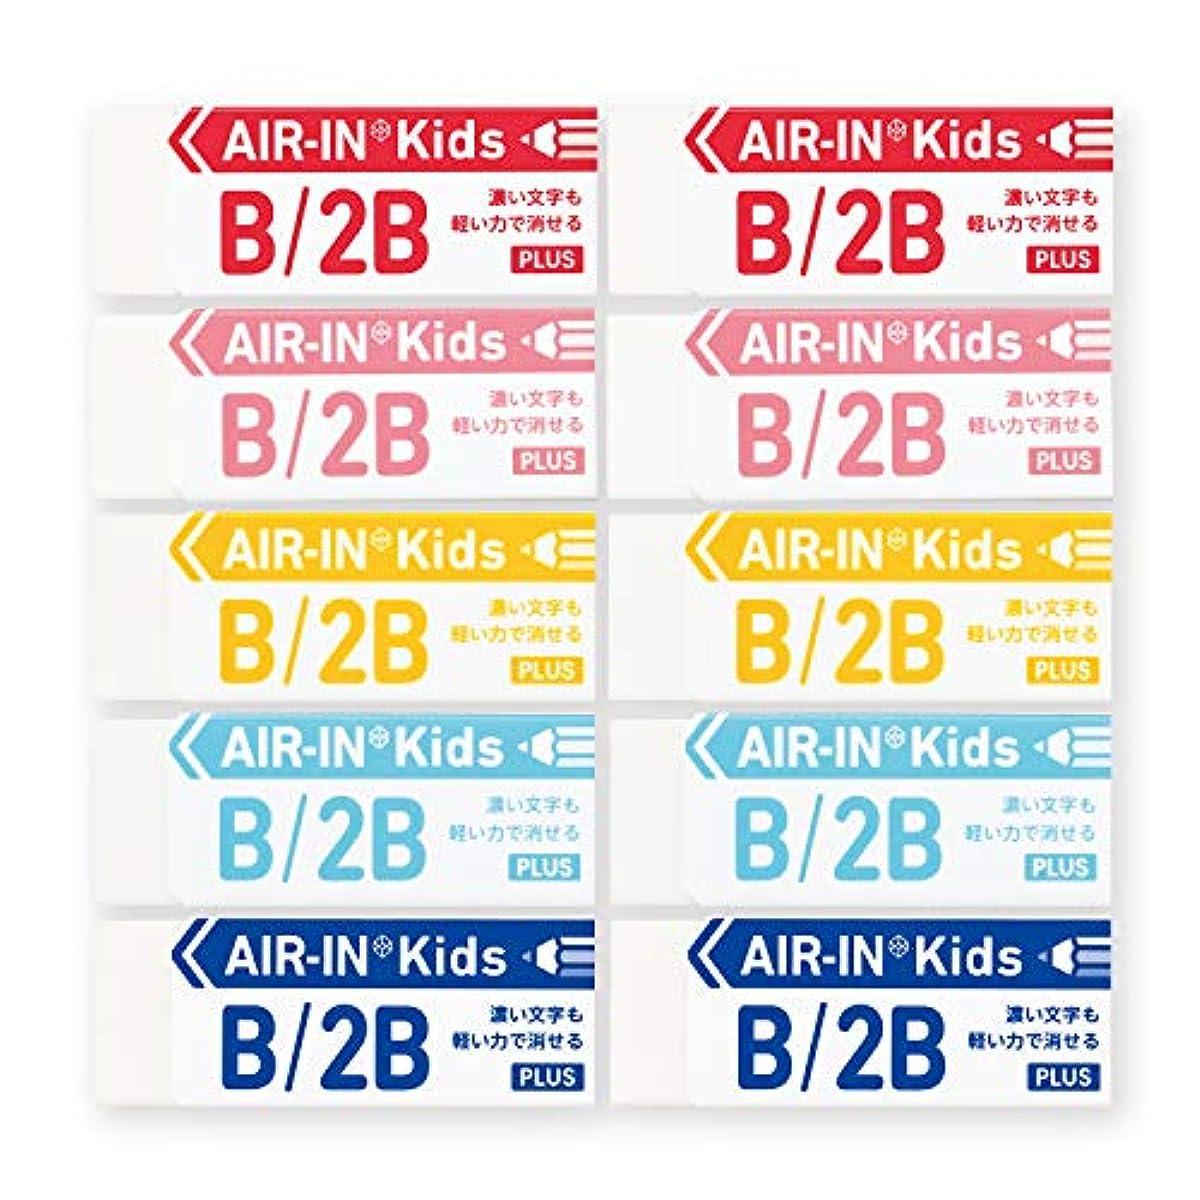 [해외] 플러스 지우개 에어 인 키즈 100사이즈 16G 10개 5색×각2